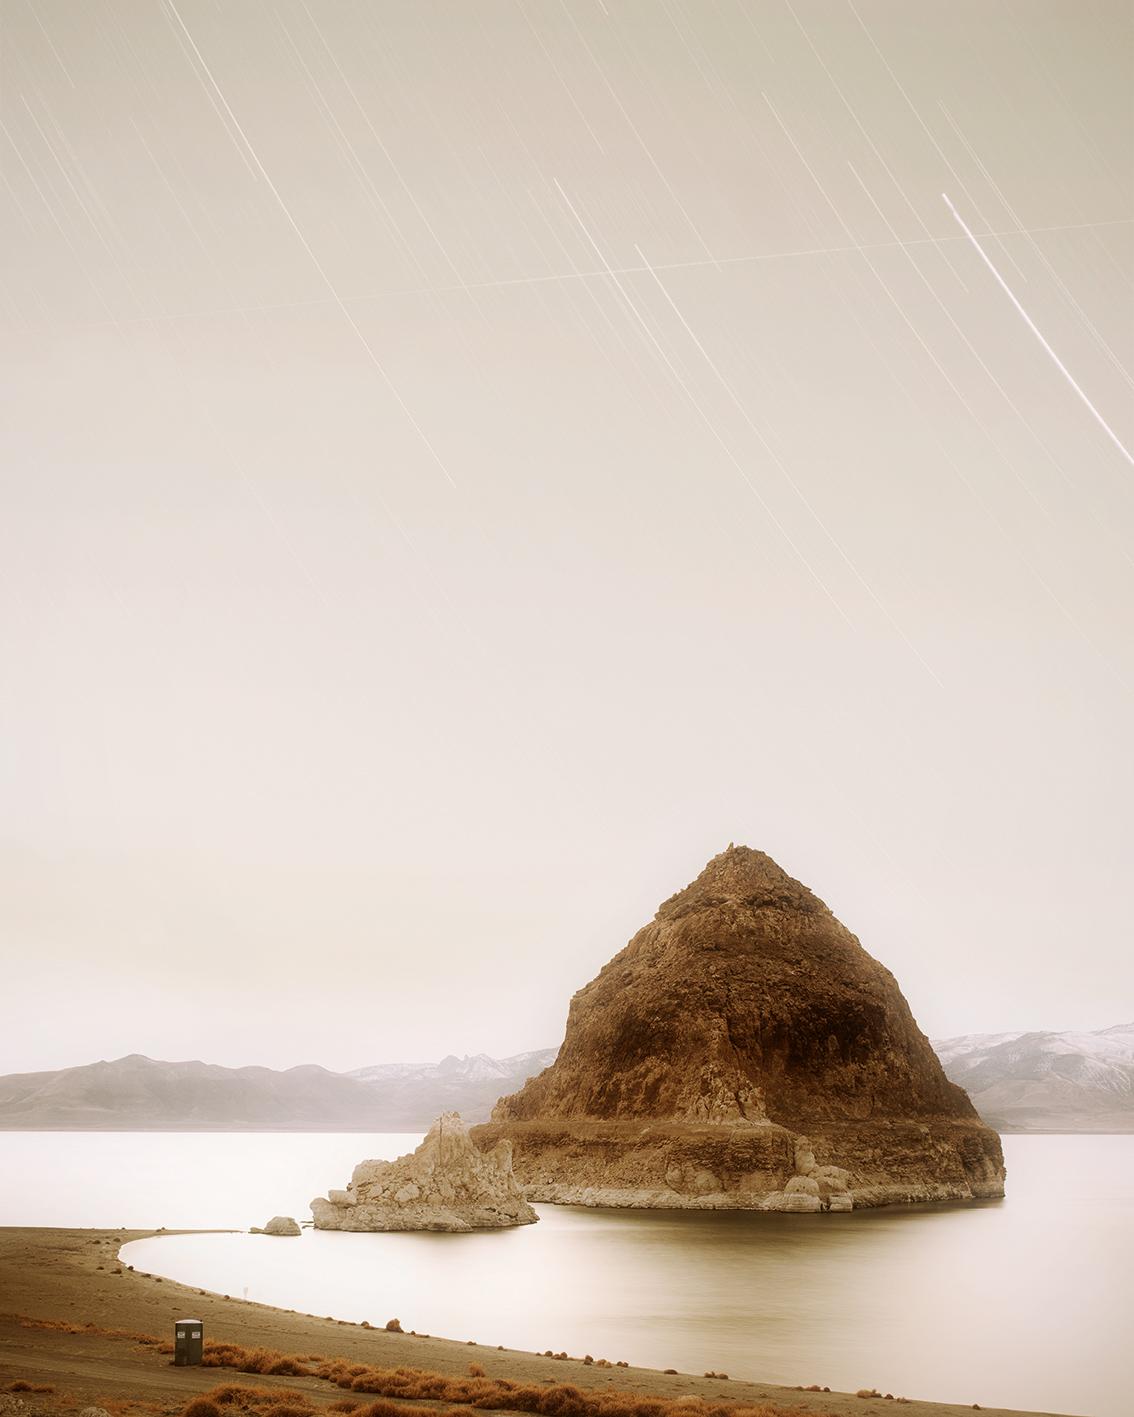 DMSP Pyramid Lake